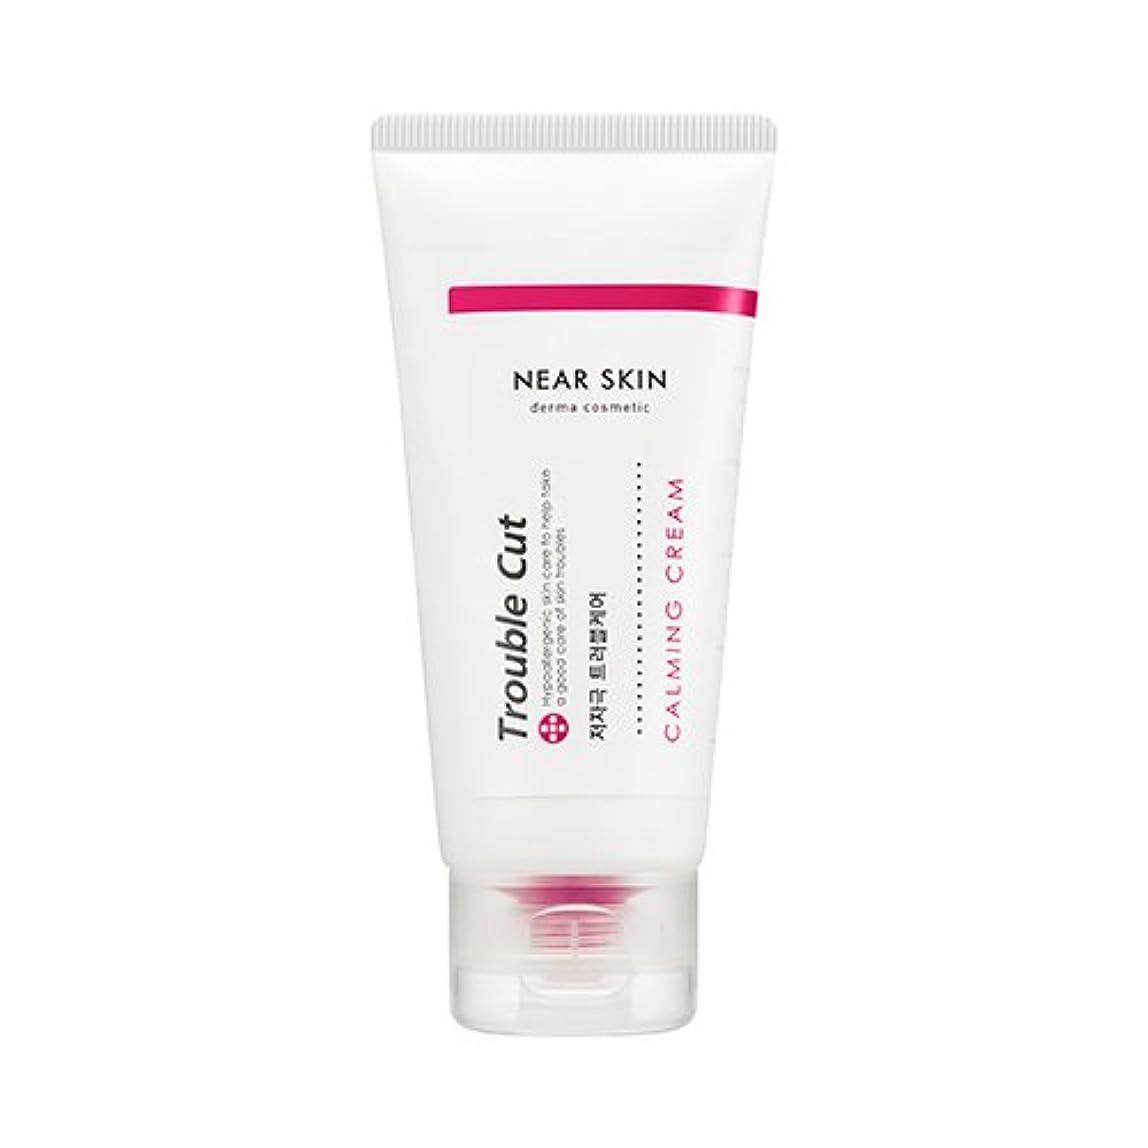 社会主義者メキシコ征服するMISSHA [Near Skin] Trouble Cut Calming Cream 20ml / ミシャ ニアスキン トラブルカットカミングクリーム [並行輸入品]